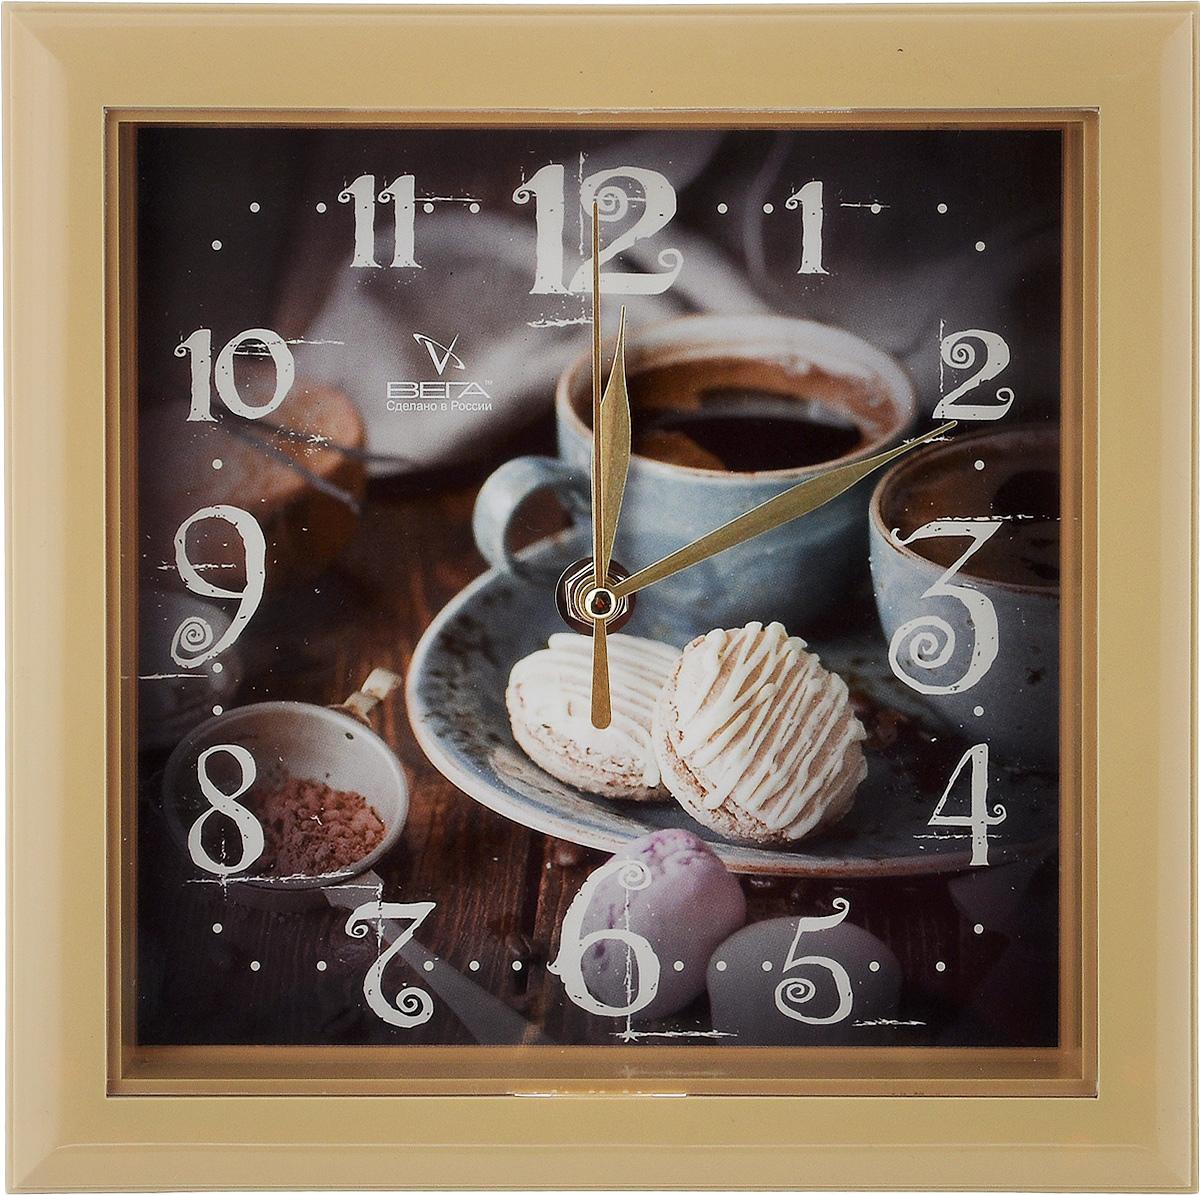 Часы настенные Вега Чашка кофе, 20,6 х 20,6 смП3-14-131Настенные кварцевые часы Вега Чашка кофе, изготовленные из пластика, прекрасно впишутся в интерьер вашего дома. Часы имеют три стрелки: часовую, минутную и секундную, циферблат защищен прозрачным пластиком. Часы работают от 1 батарейки типа АА напряжением 1,5 В (не входит в комплект). Прилагается инструкция по эксплуатации.